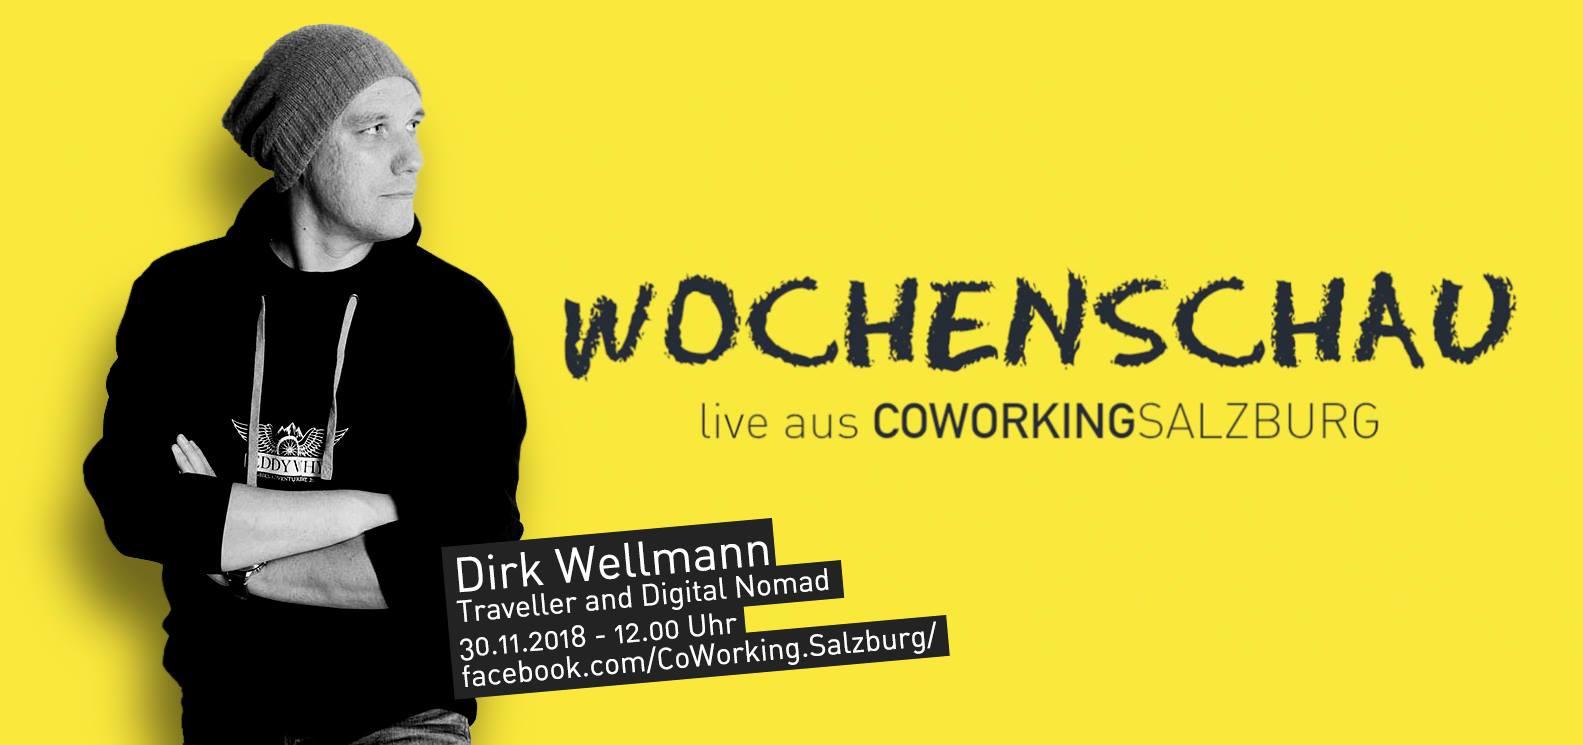 Dirk Wellmann